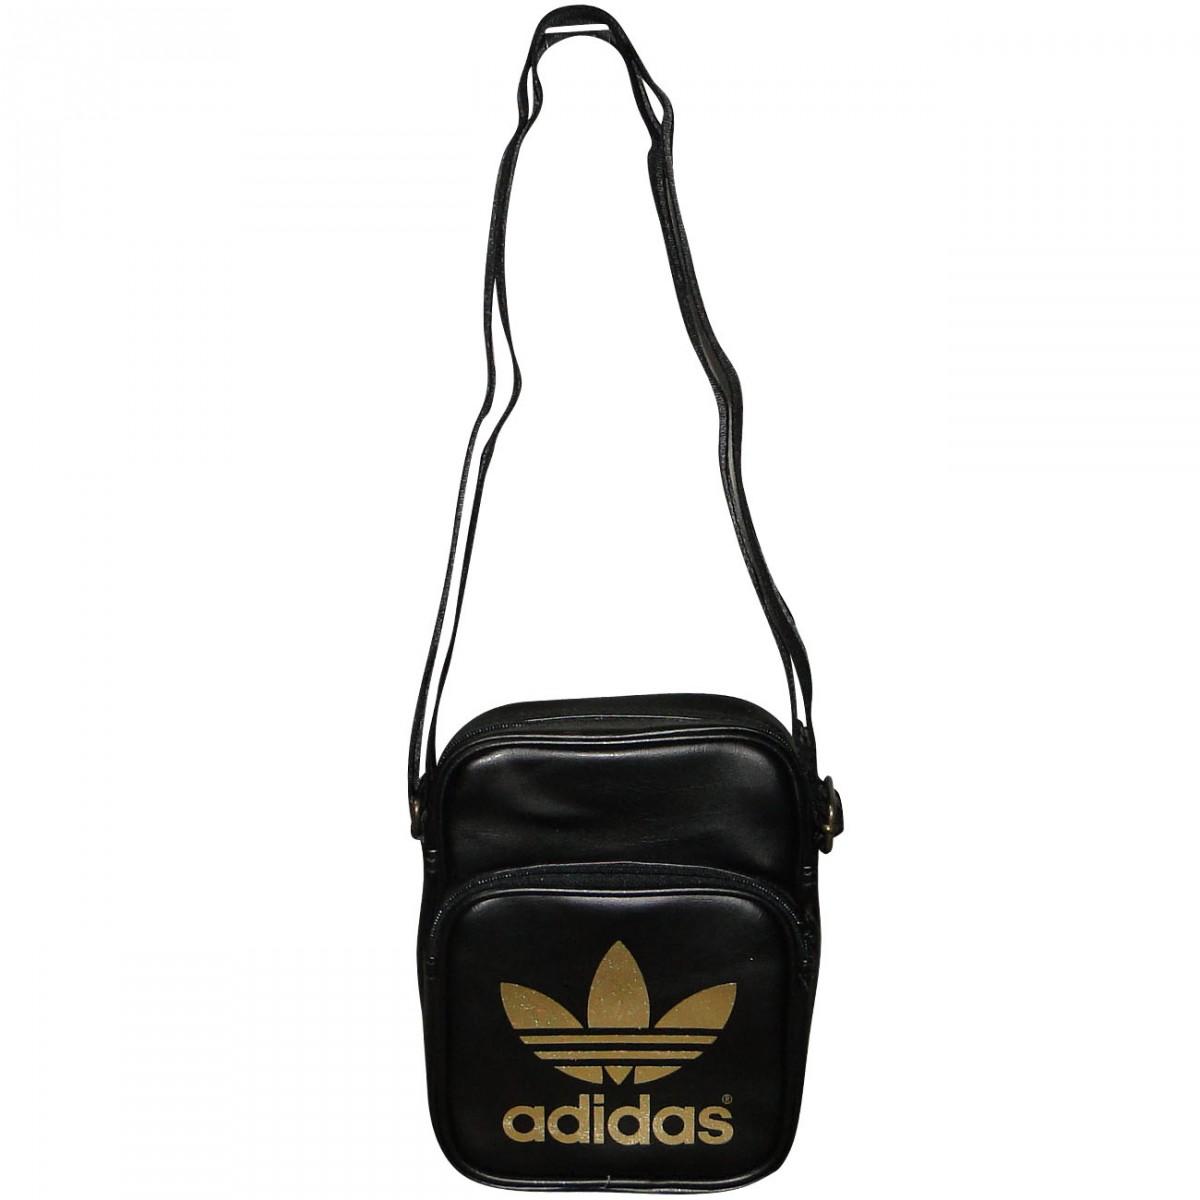 Bolsa De Ombro Masculina Nike : Bolsa adidas mini bag g preto dourado chuteira